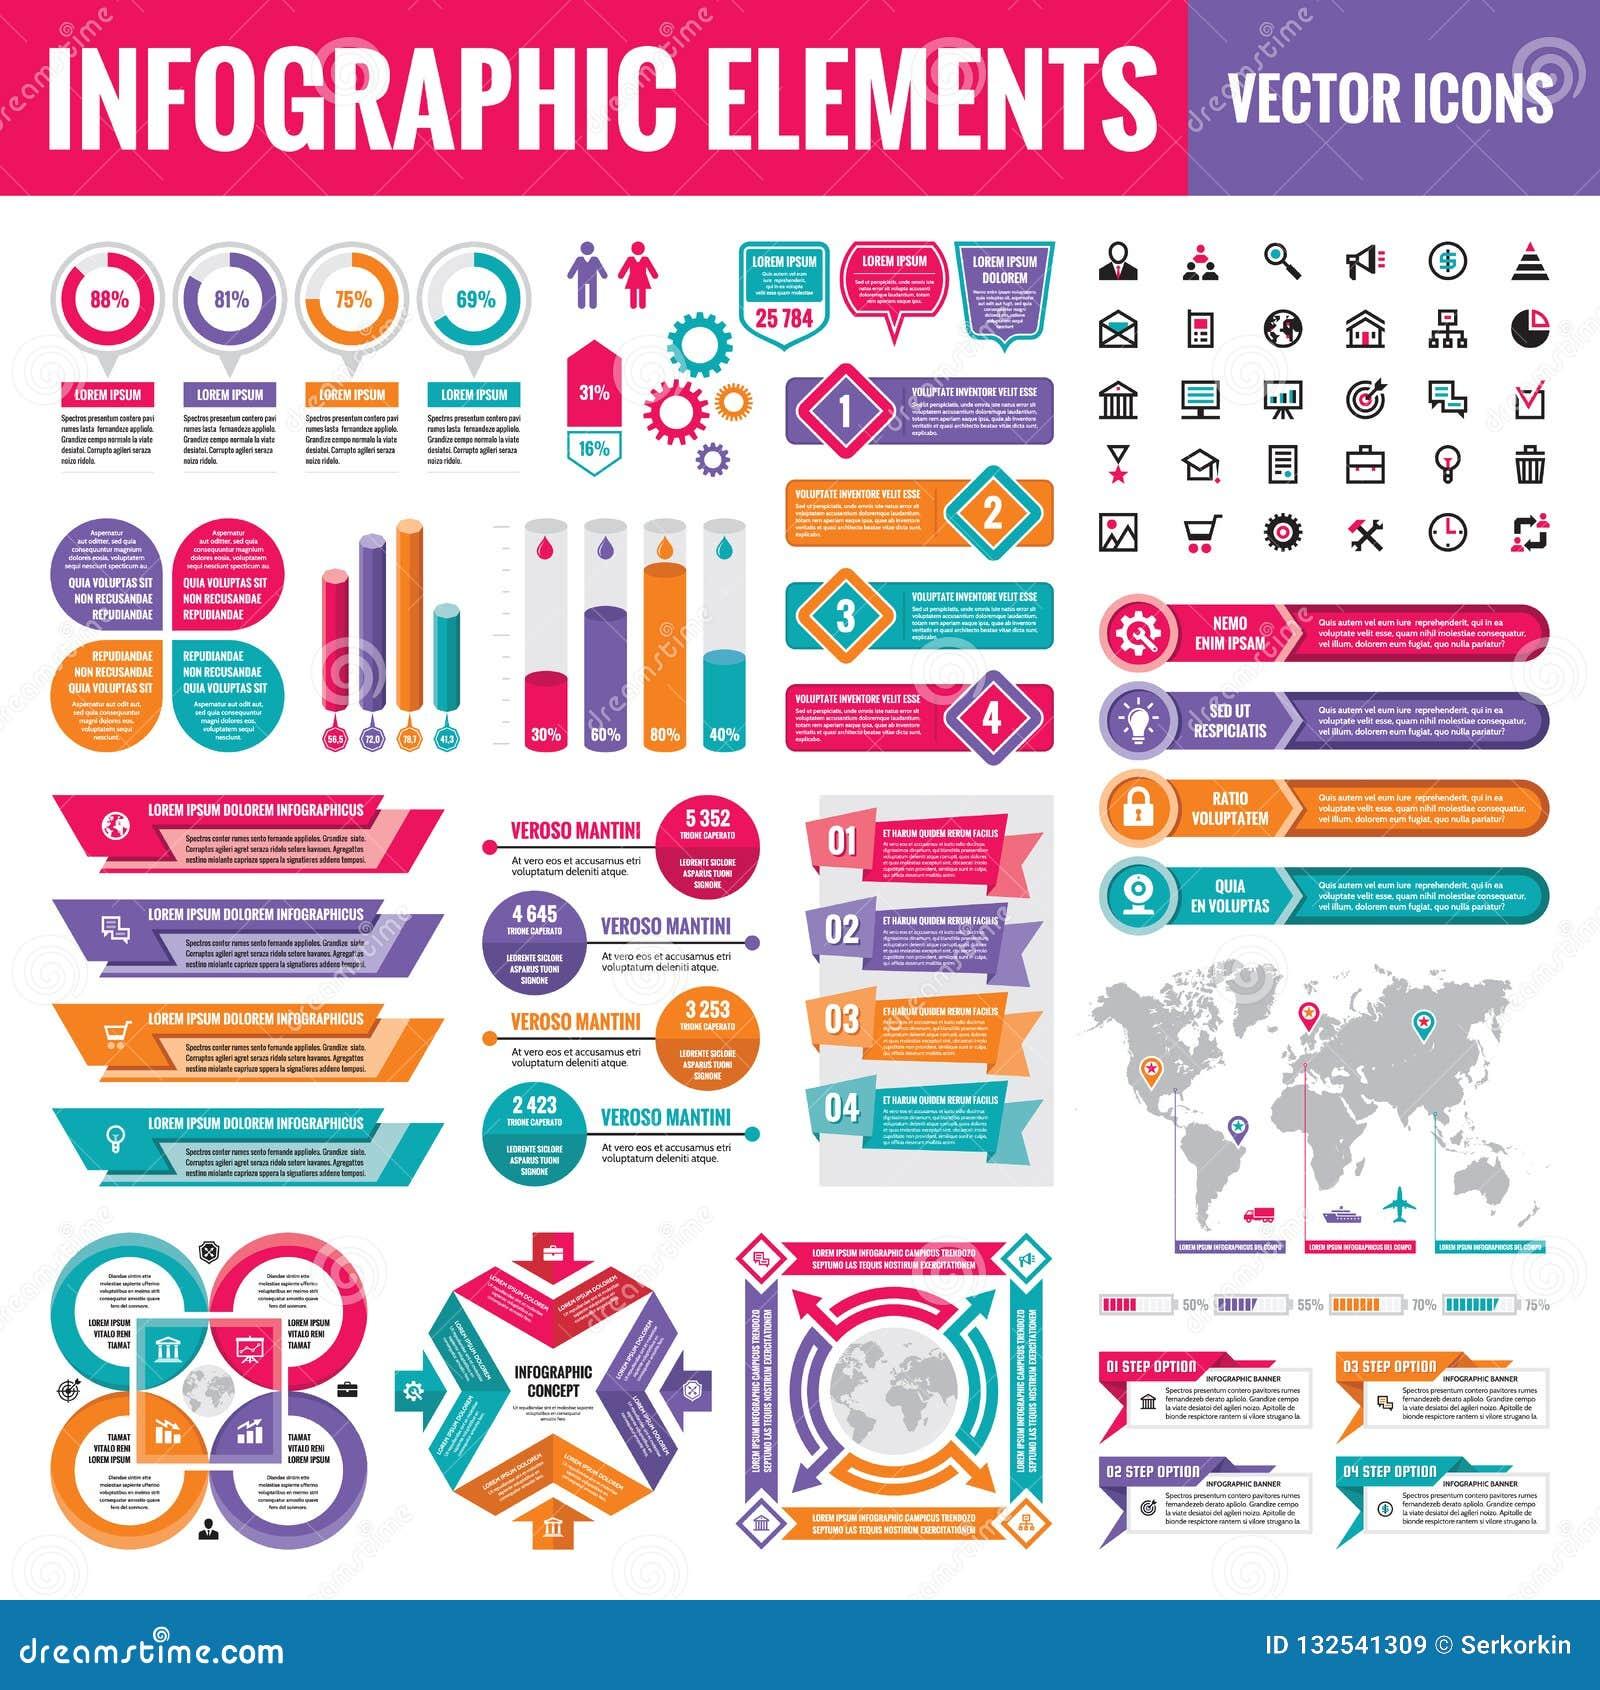 Infographic-Element-Schablonensammlung - Geschäftsvektor Illustration in der flachen Entwurfsart für Darstellung, Broschüre, Webs